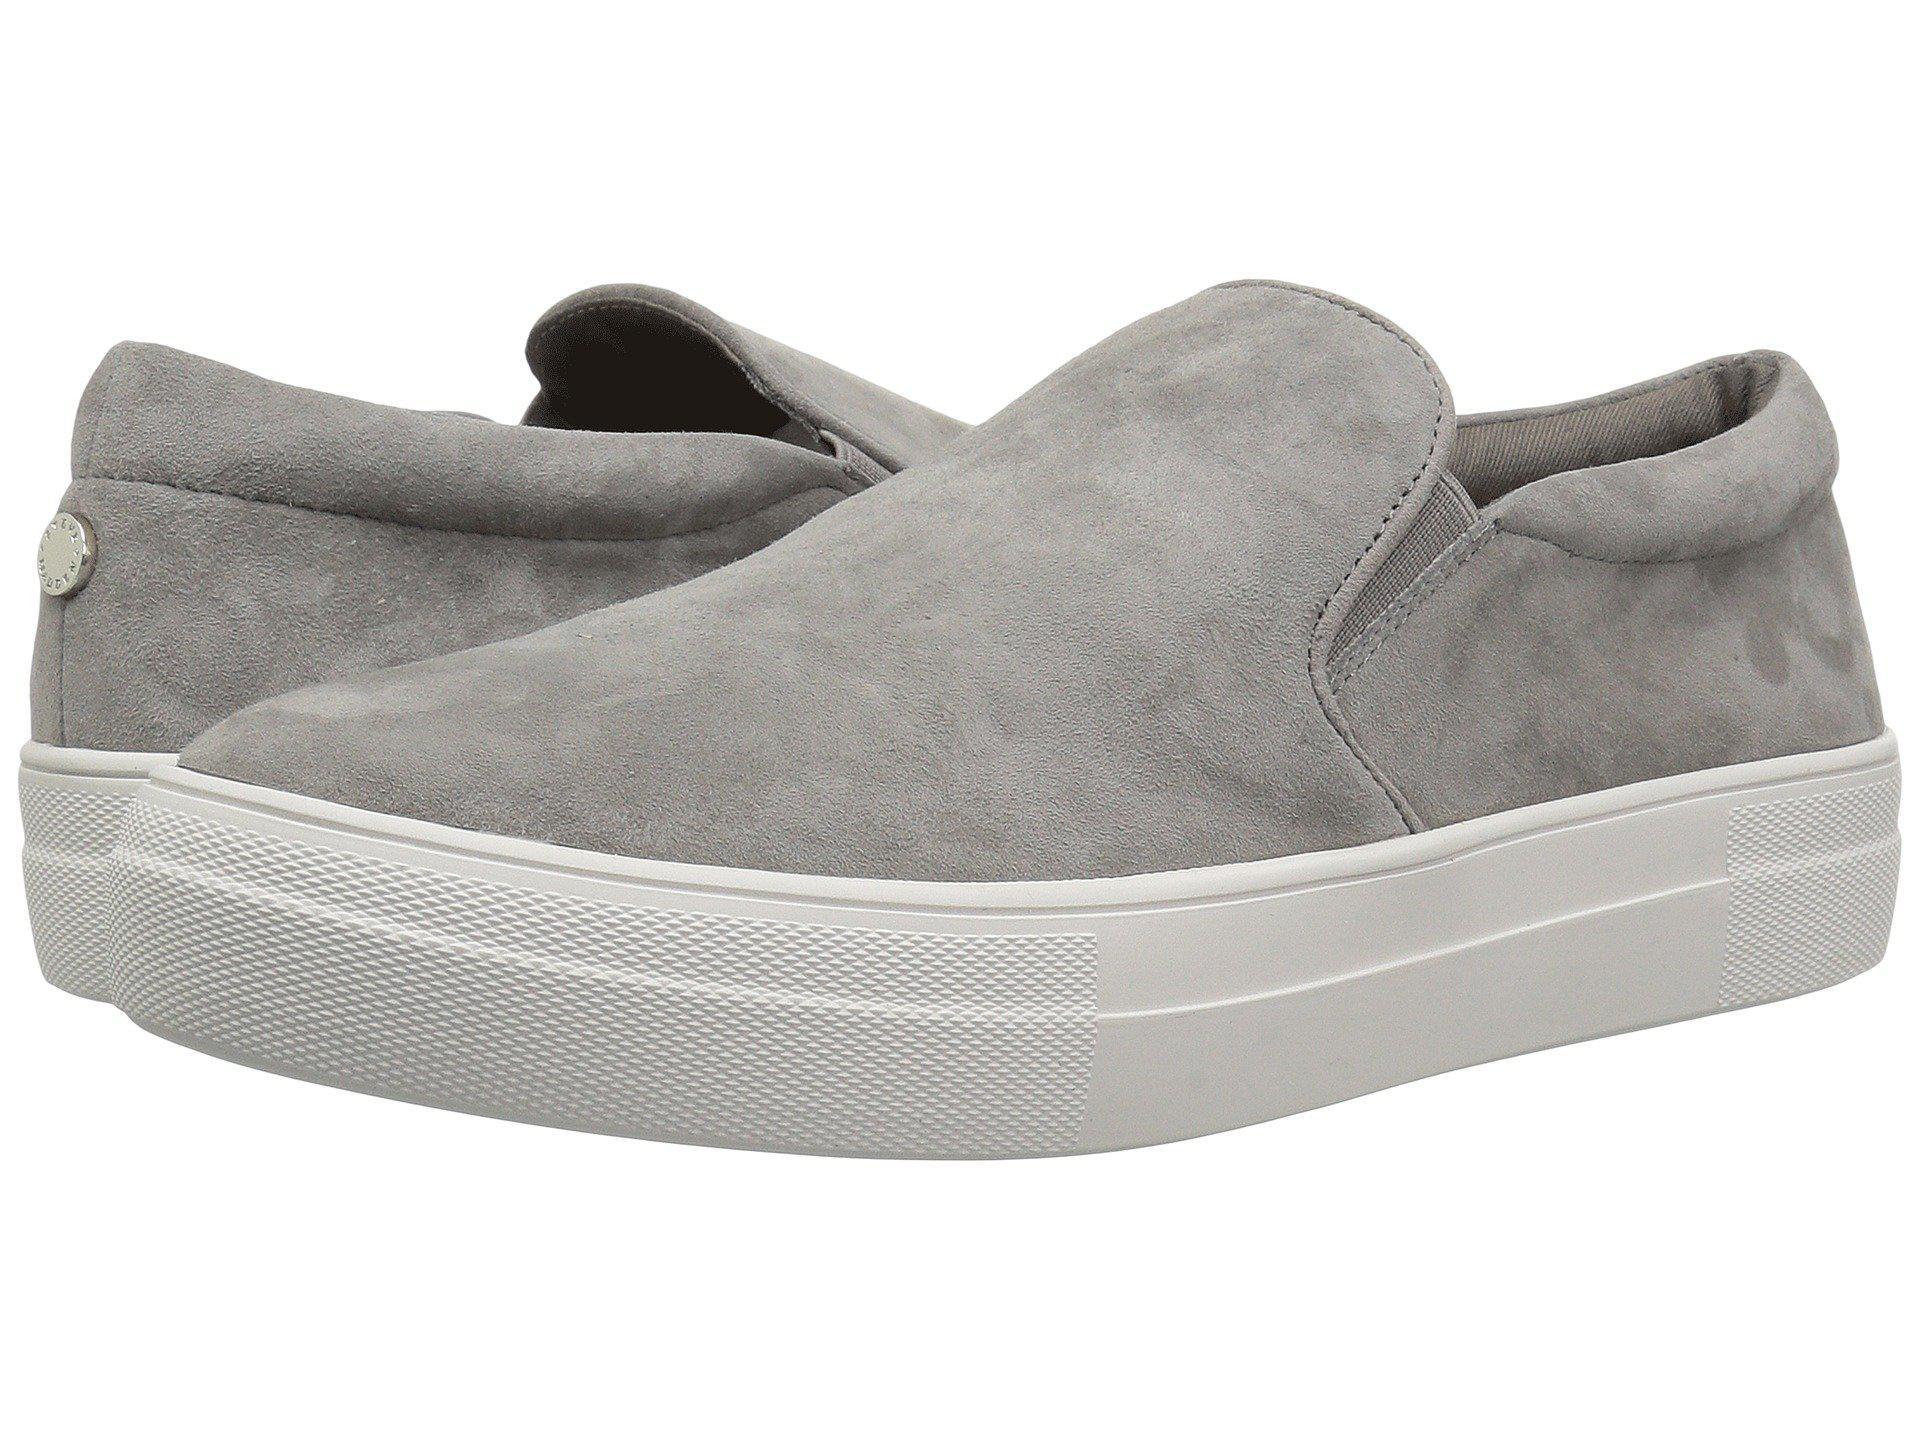 d496c03c39c Lyst - Steve Madden Gills Sneaker (navy Suede) Women s Shoes in Gray